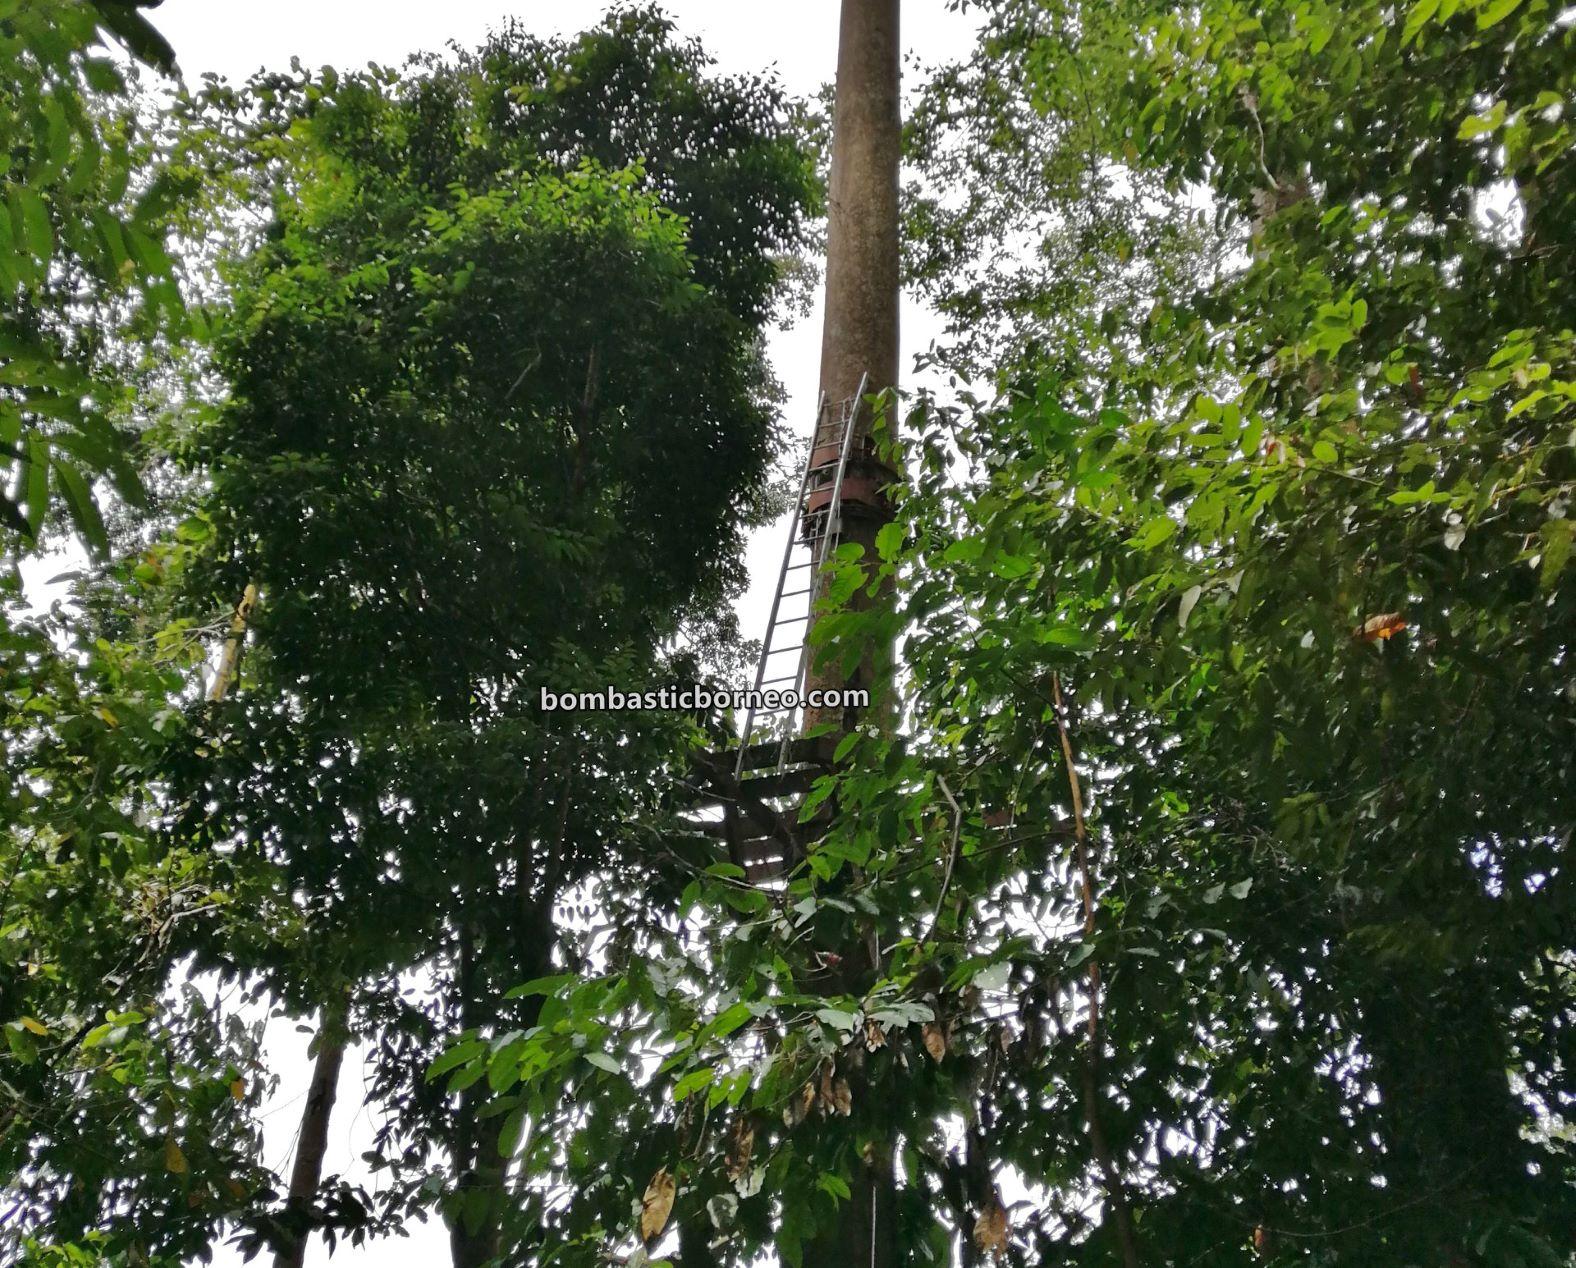 Pusat Sejadi Bukit Gemok, Gemok Hill Forest Reserve, adventure, nature, outdoor, jungle trekking, conservation, canopy bridge, Jambatan gantung, Titian Silara, Malaysia, Sabah, Tawau, Tourism, Borneo,